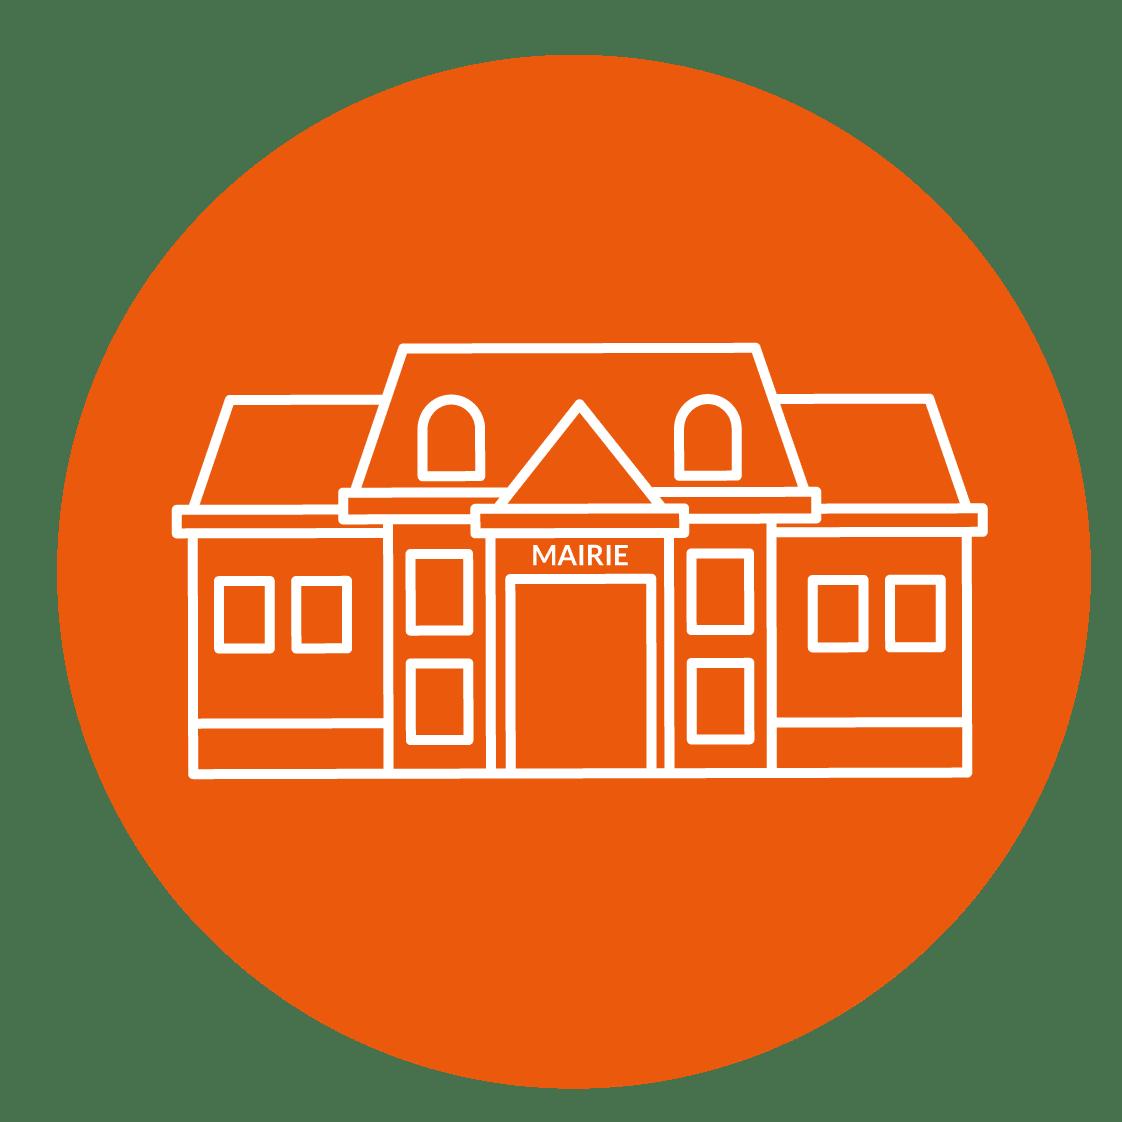 Icône collectivités - bâtiments publics